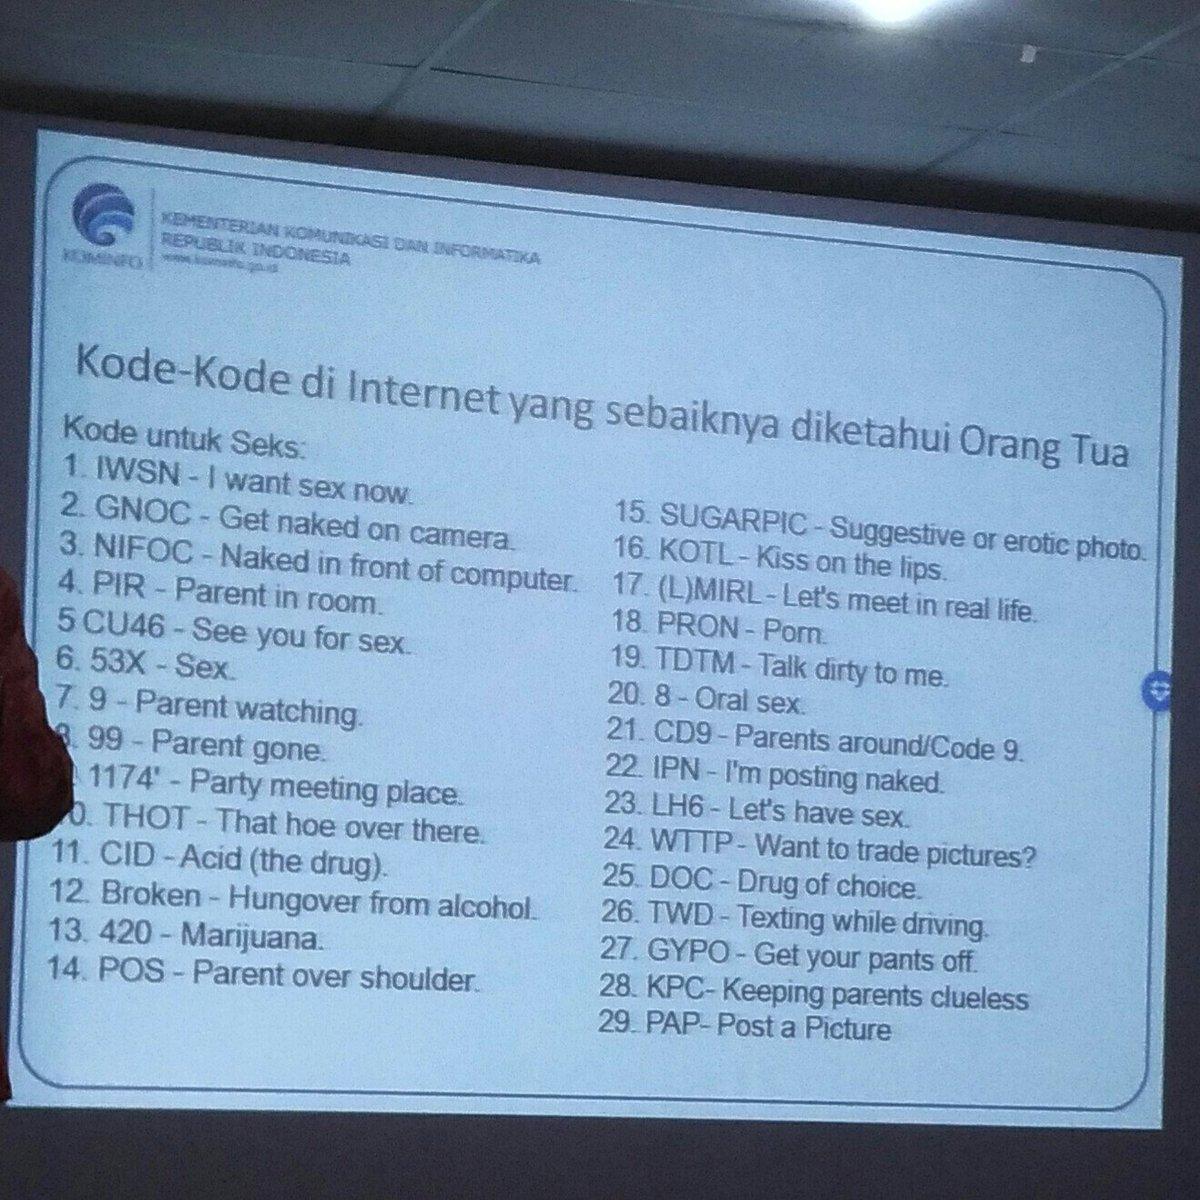 kode-kode internet yang perlu di ketahui orang tua